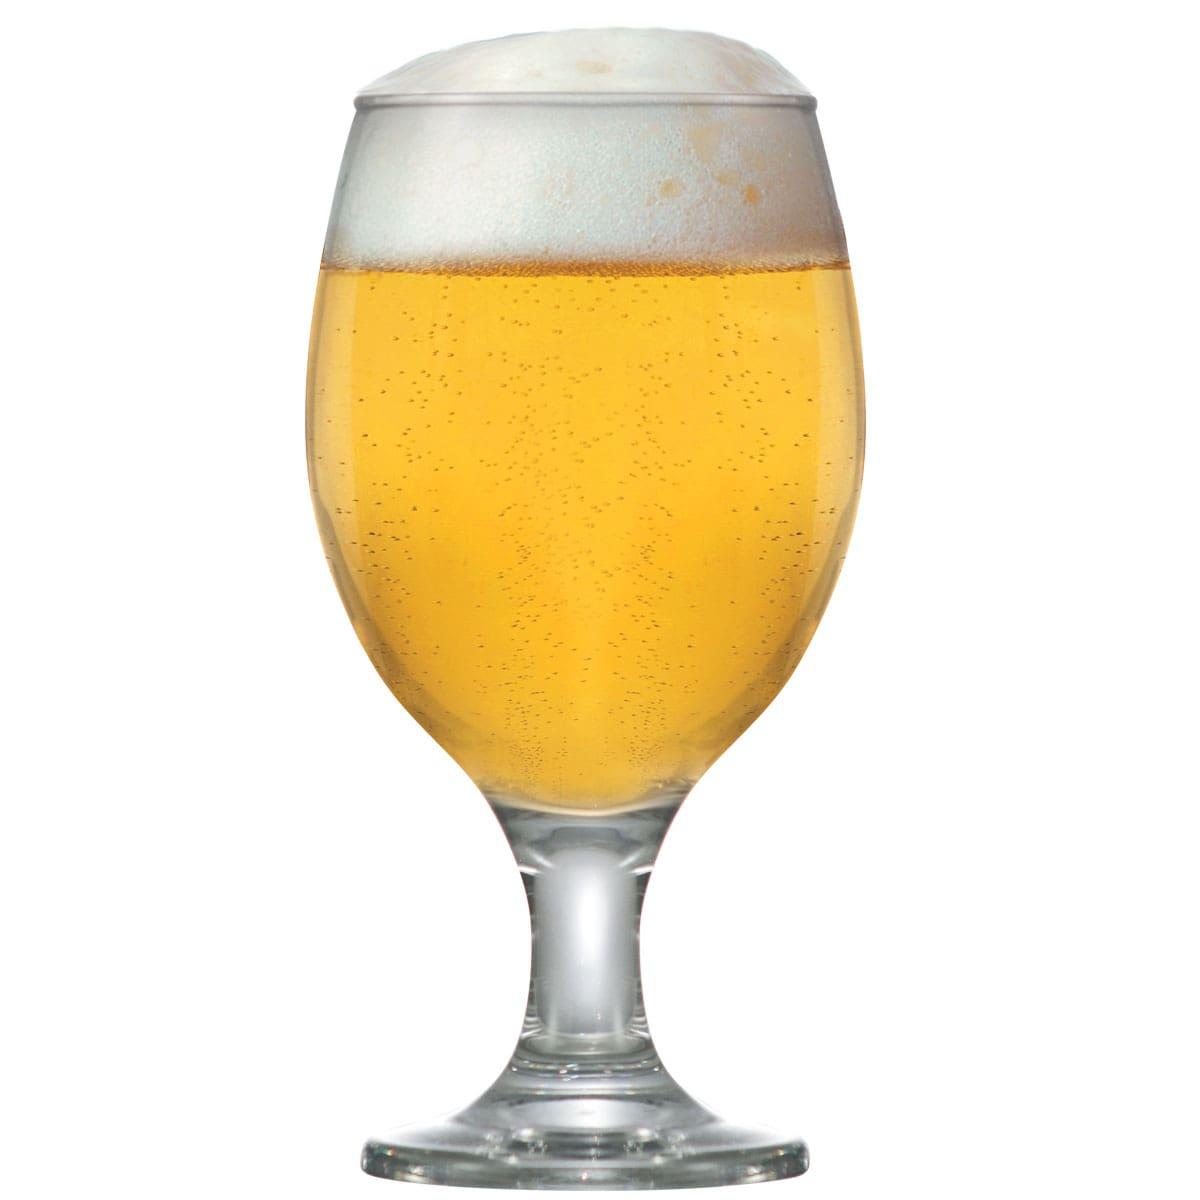 Taça de Vidro Roma Cerveja 400ml R$9.83 a unid. (Caixa com 24 unidades)